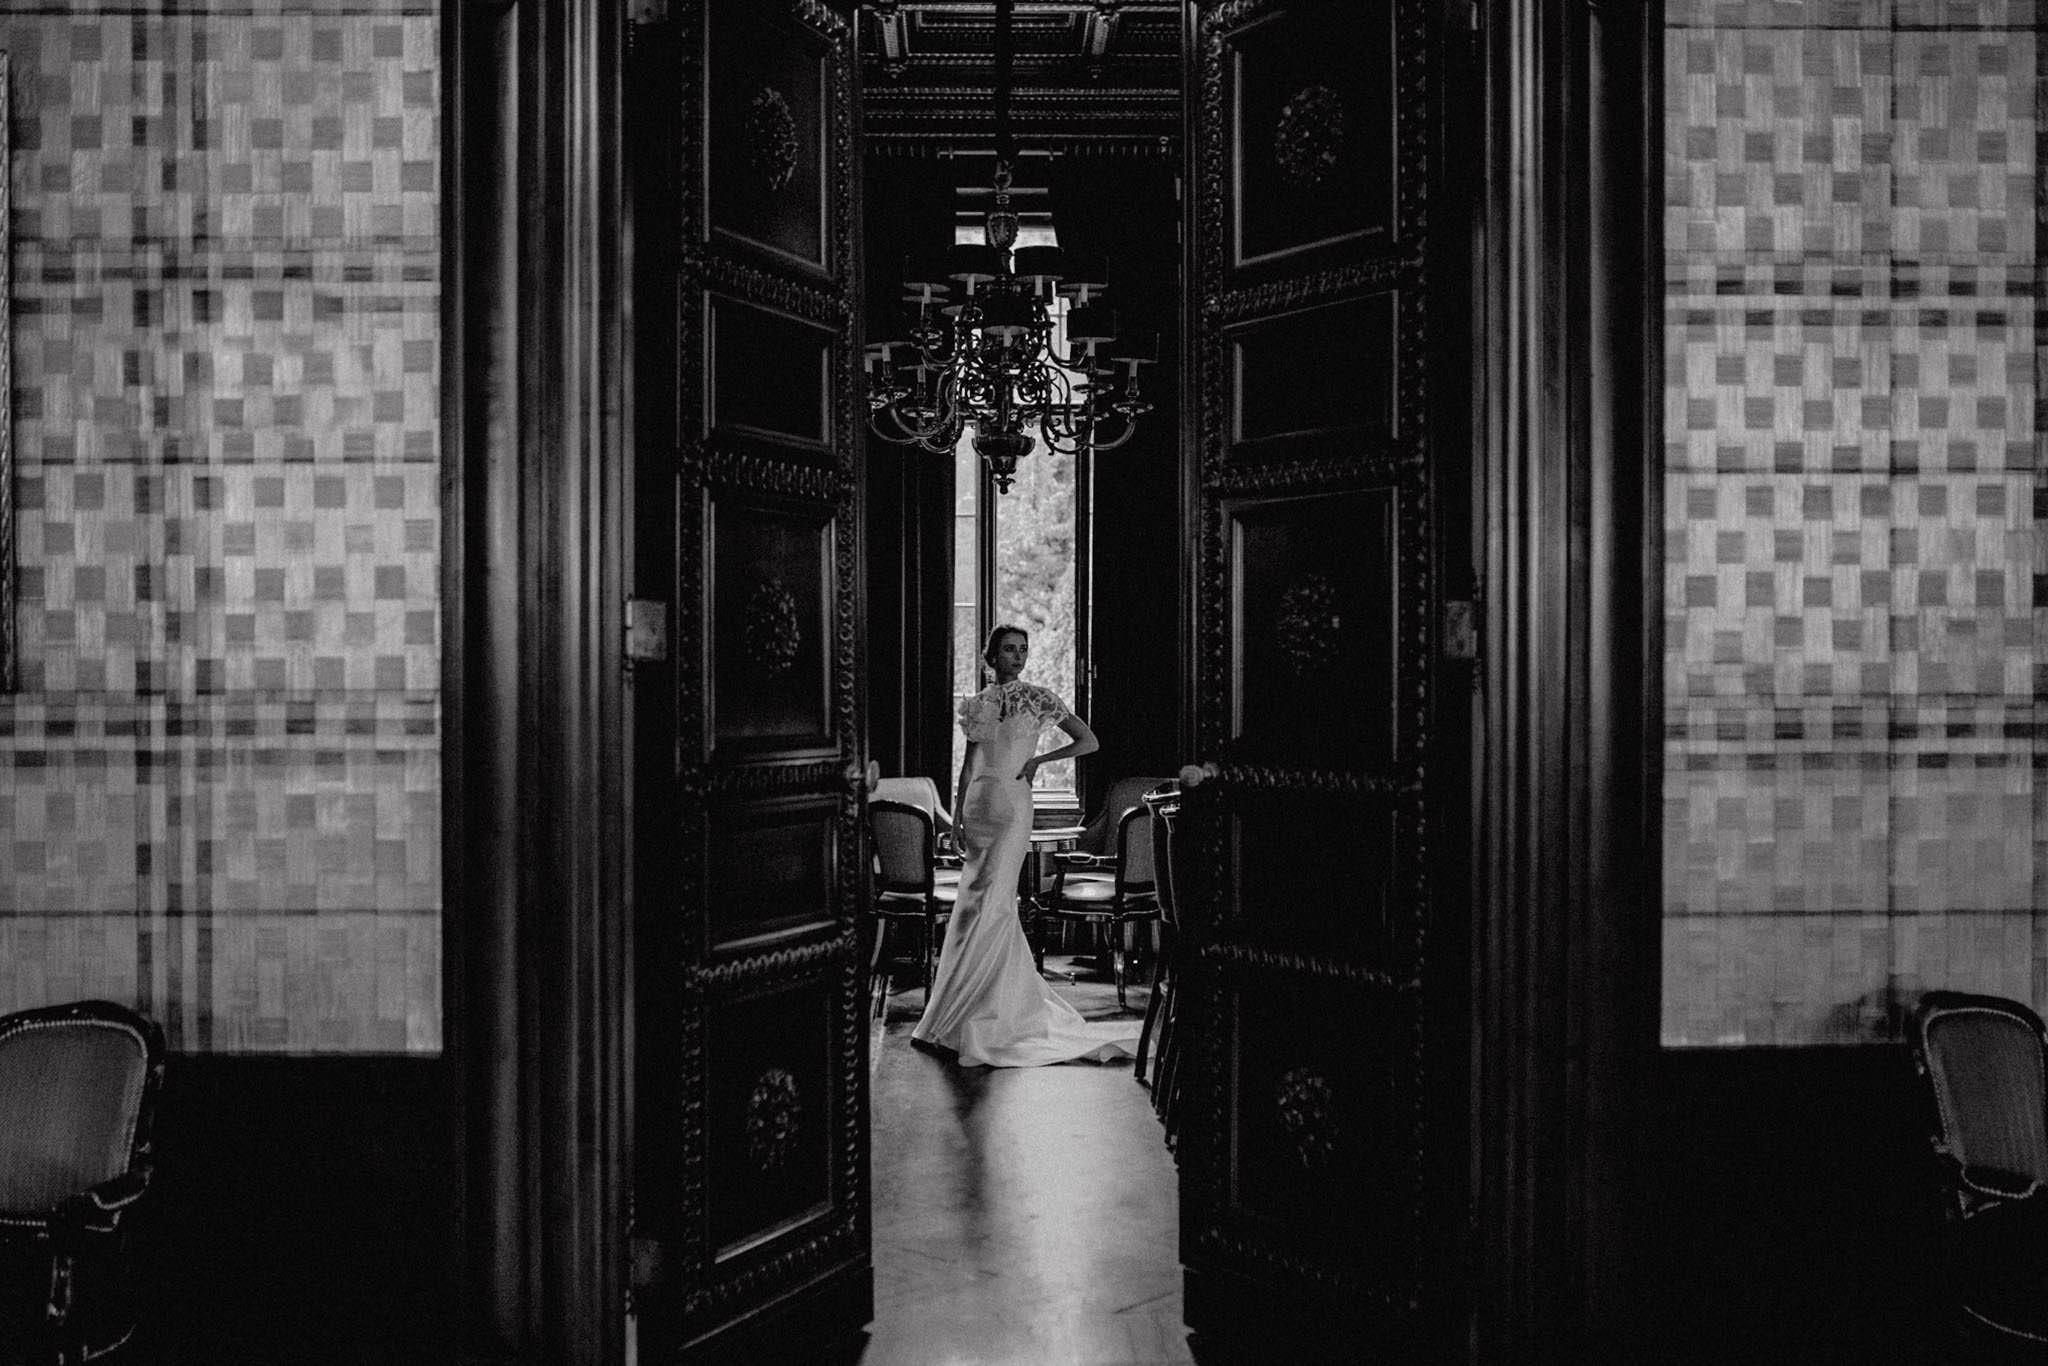 Hochzeit_Berlin_Patrick_Hellmann_Schlosshotel132